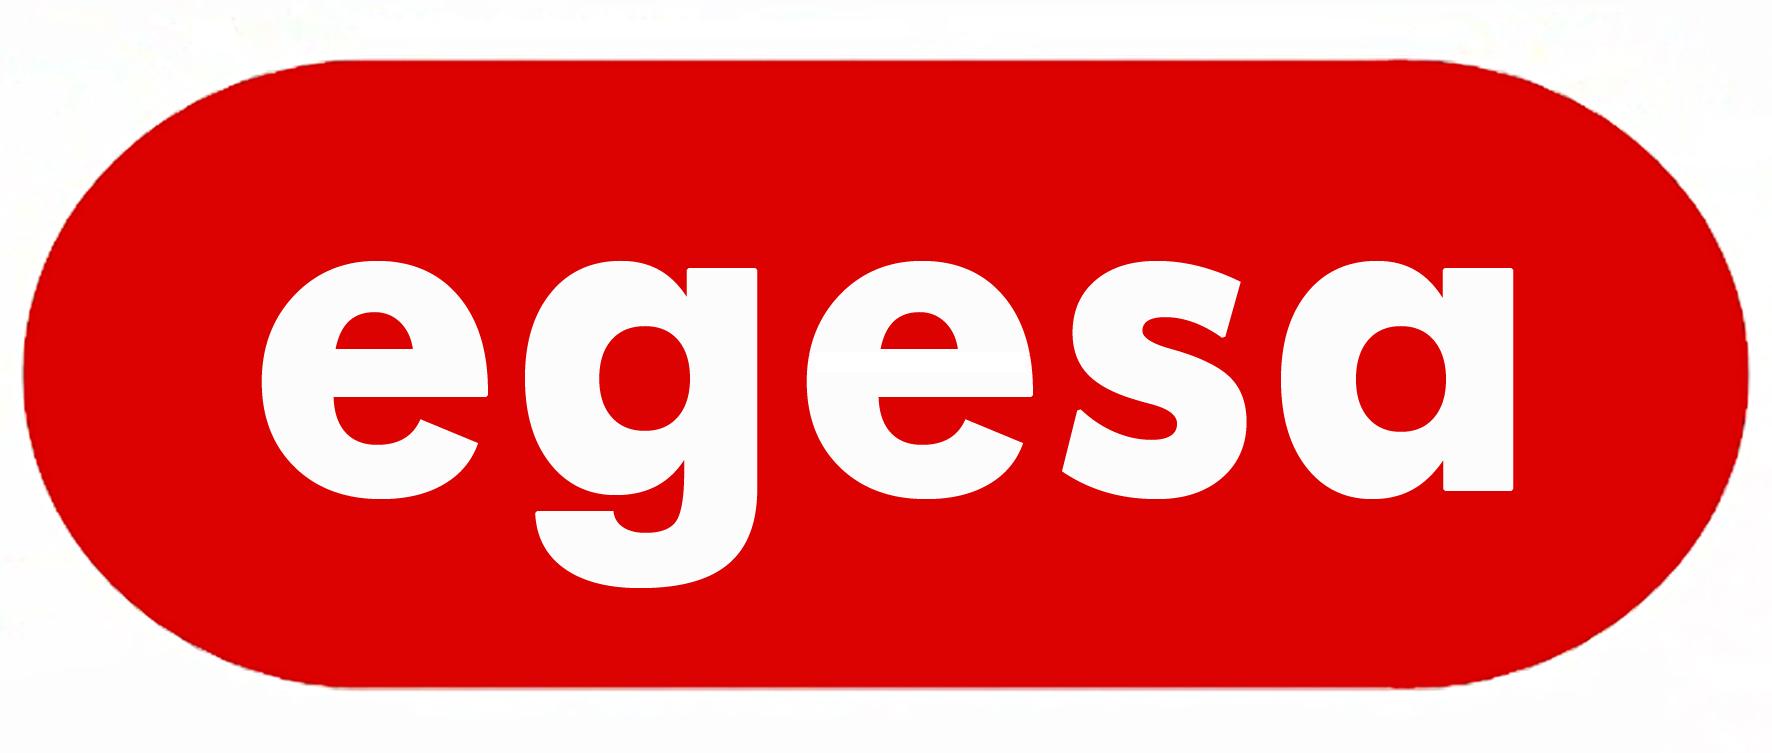 EGESA.jpg